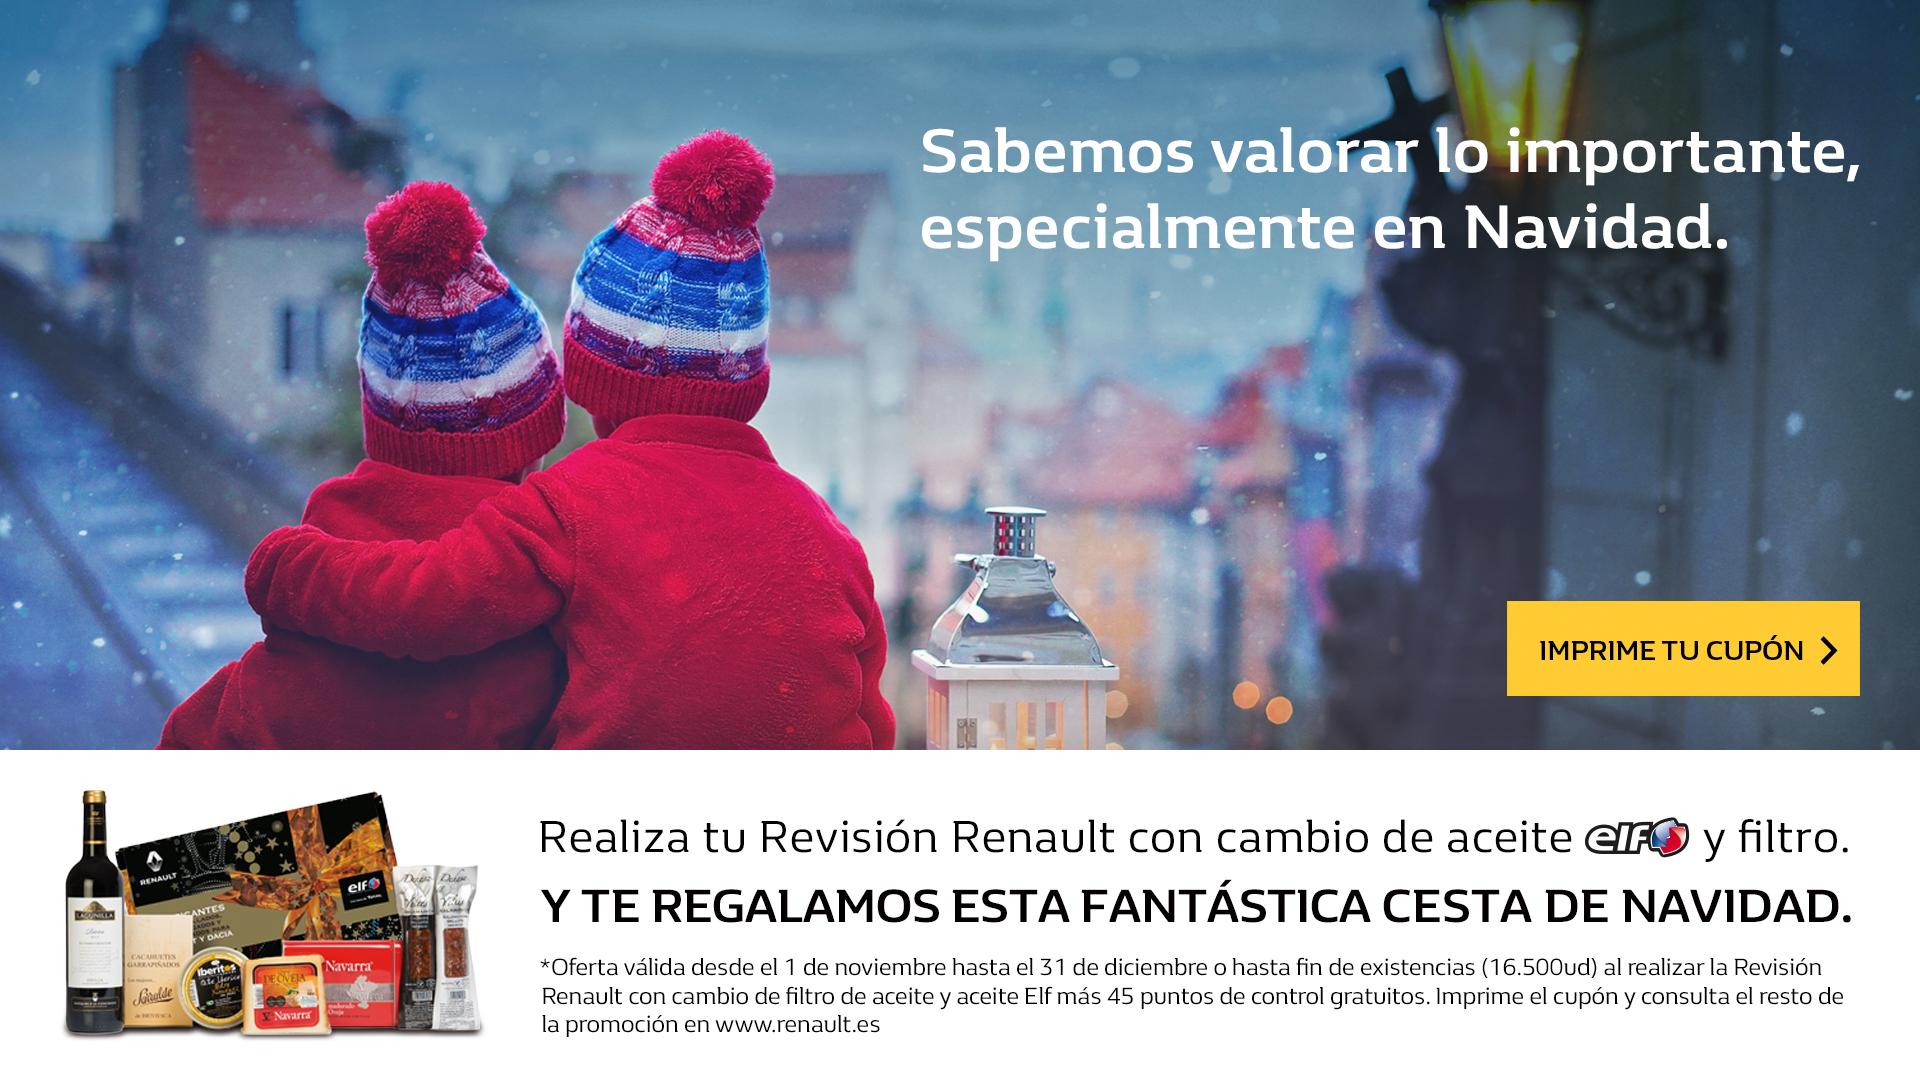 Renault Revisión